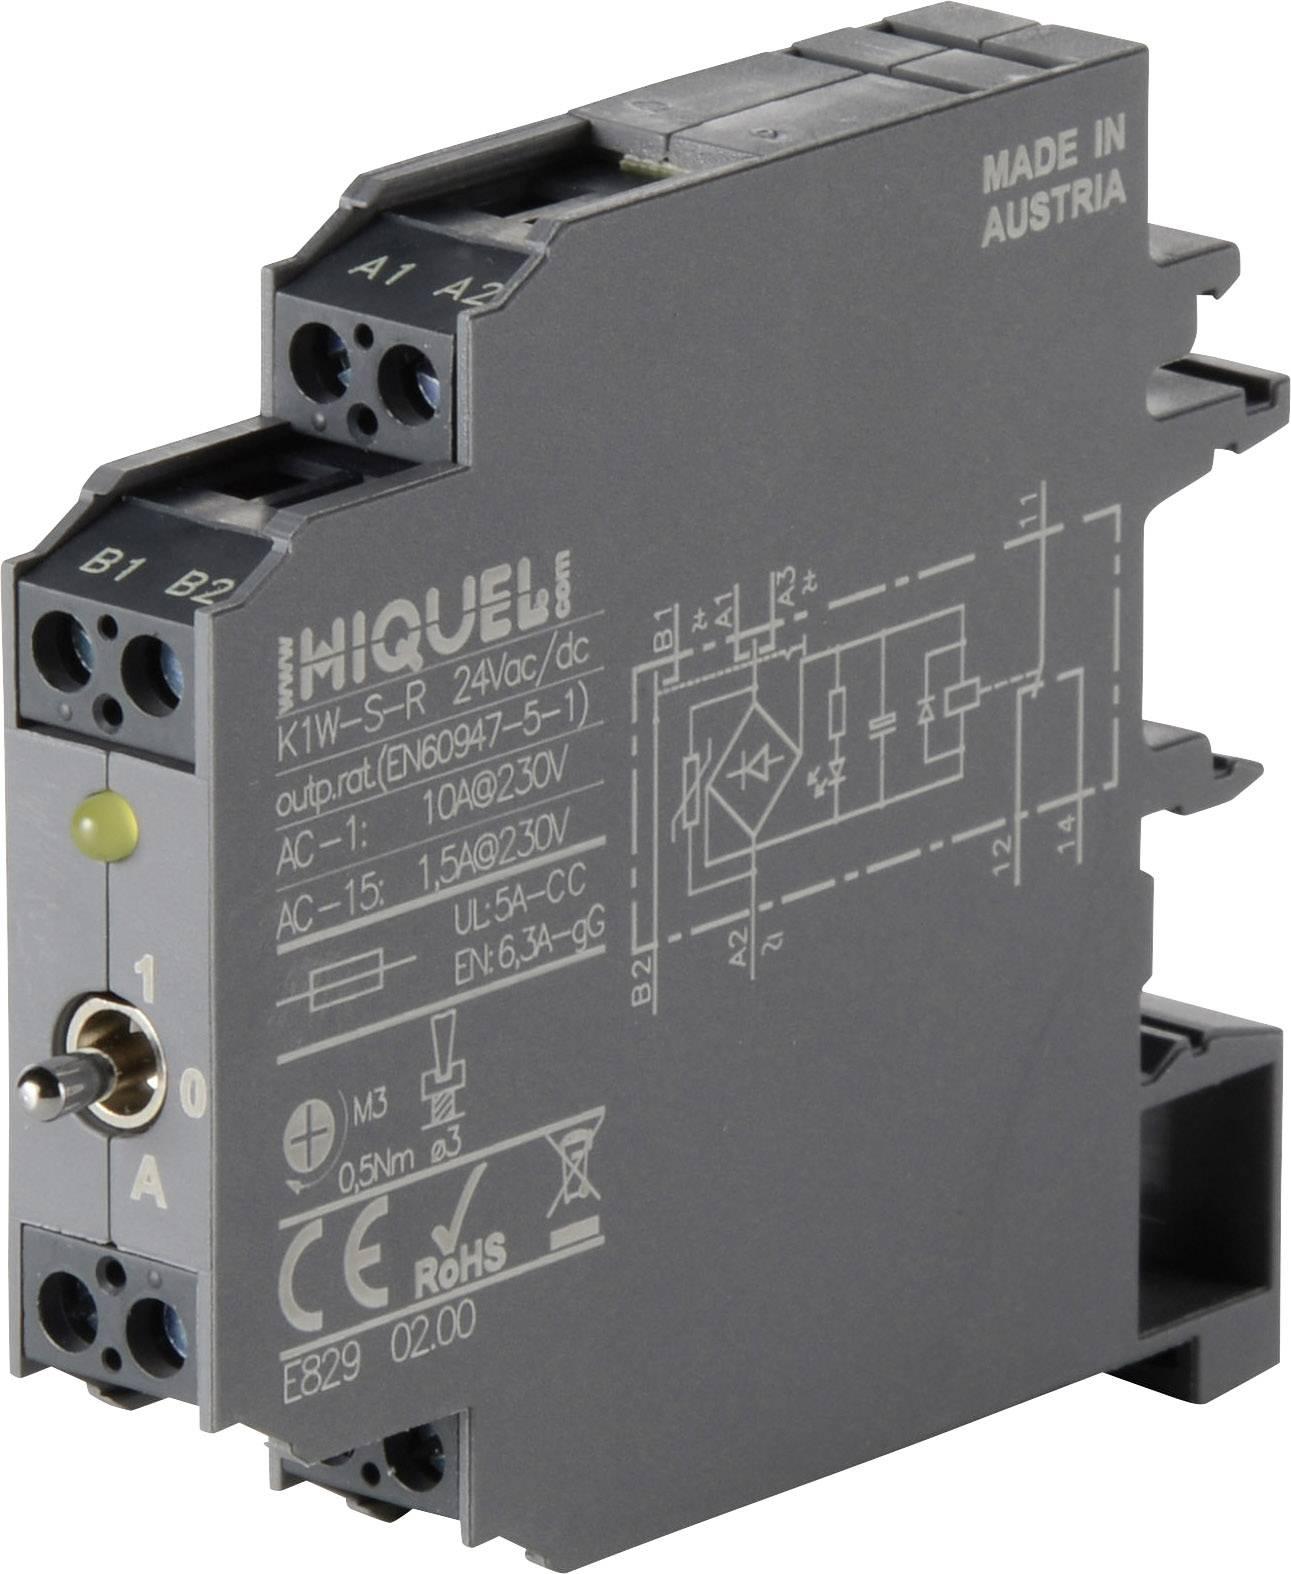 Relé - prevodník rozhrania Hiquel K1W-S-R 24 Vac/dc, 24 V/DC, 24 V/AC, 10 A, 1 prepínací, 1 ks